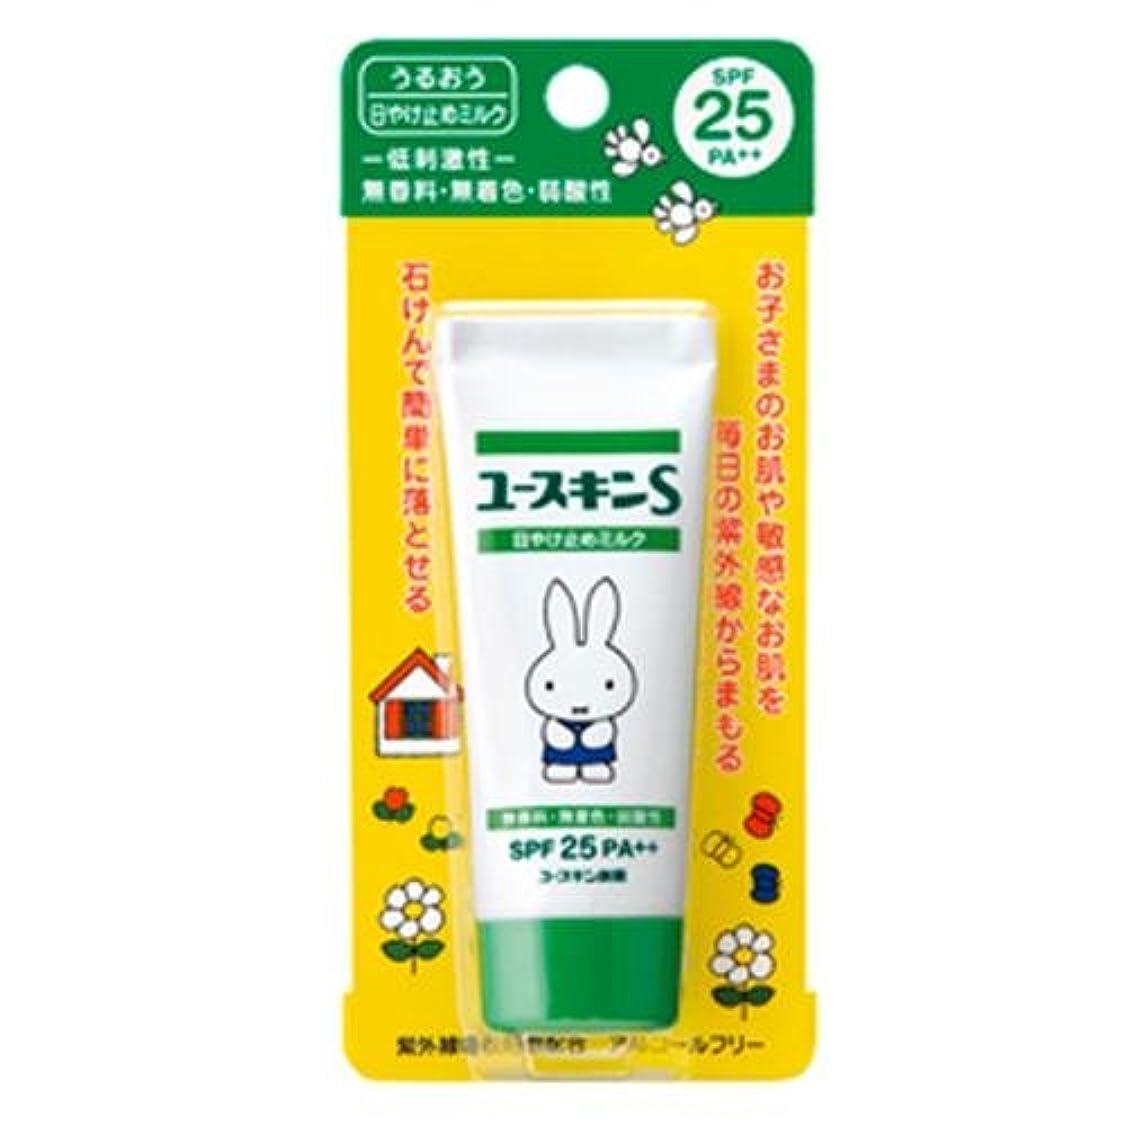 小石危険を冒します退屈させるユースキンS UVミルク SPF25 PA++ 40g (敏感肌用 日焼け止め)